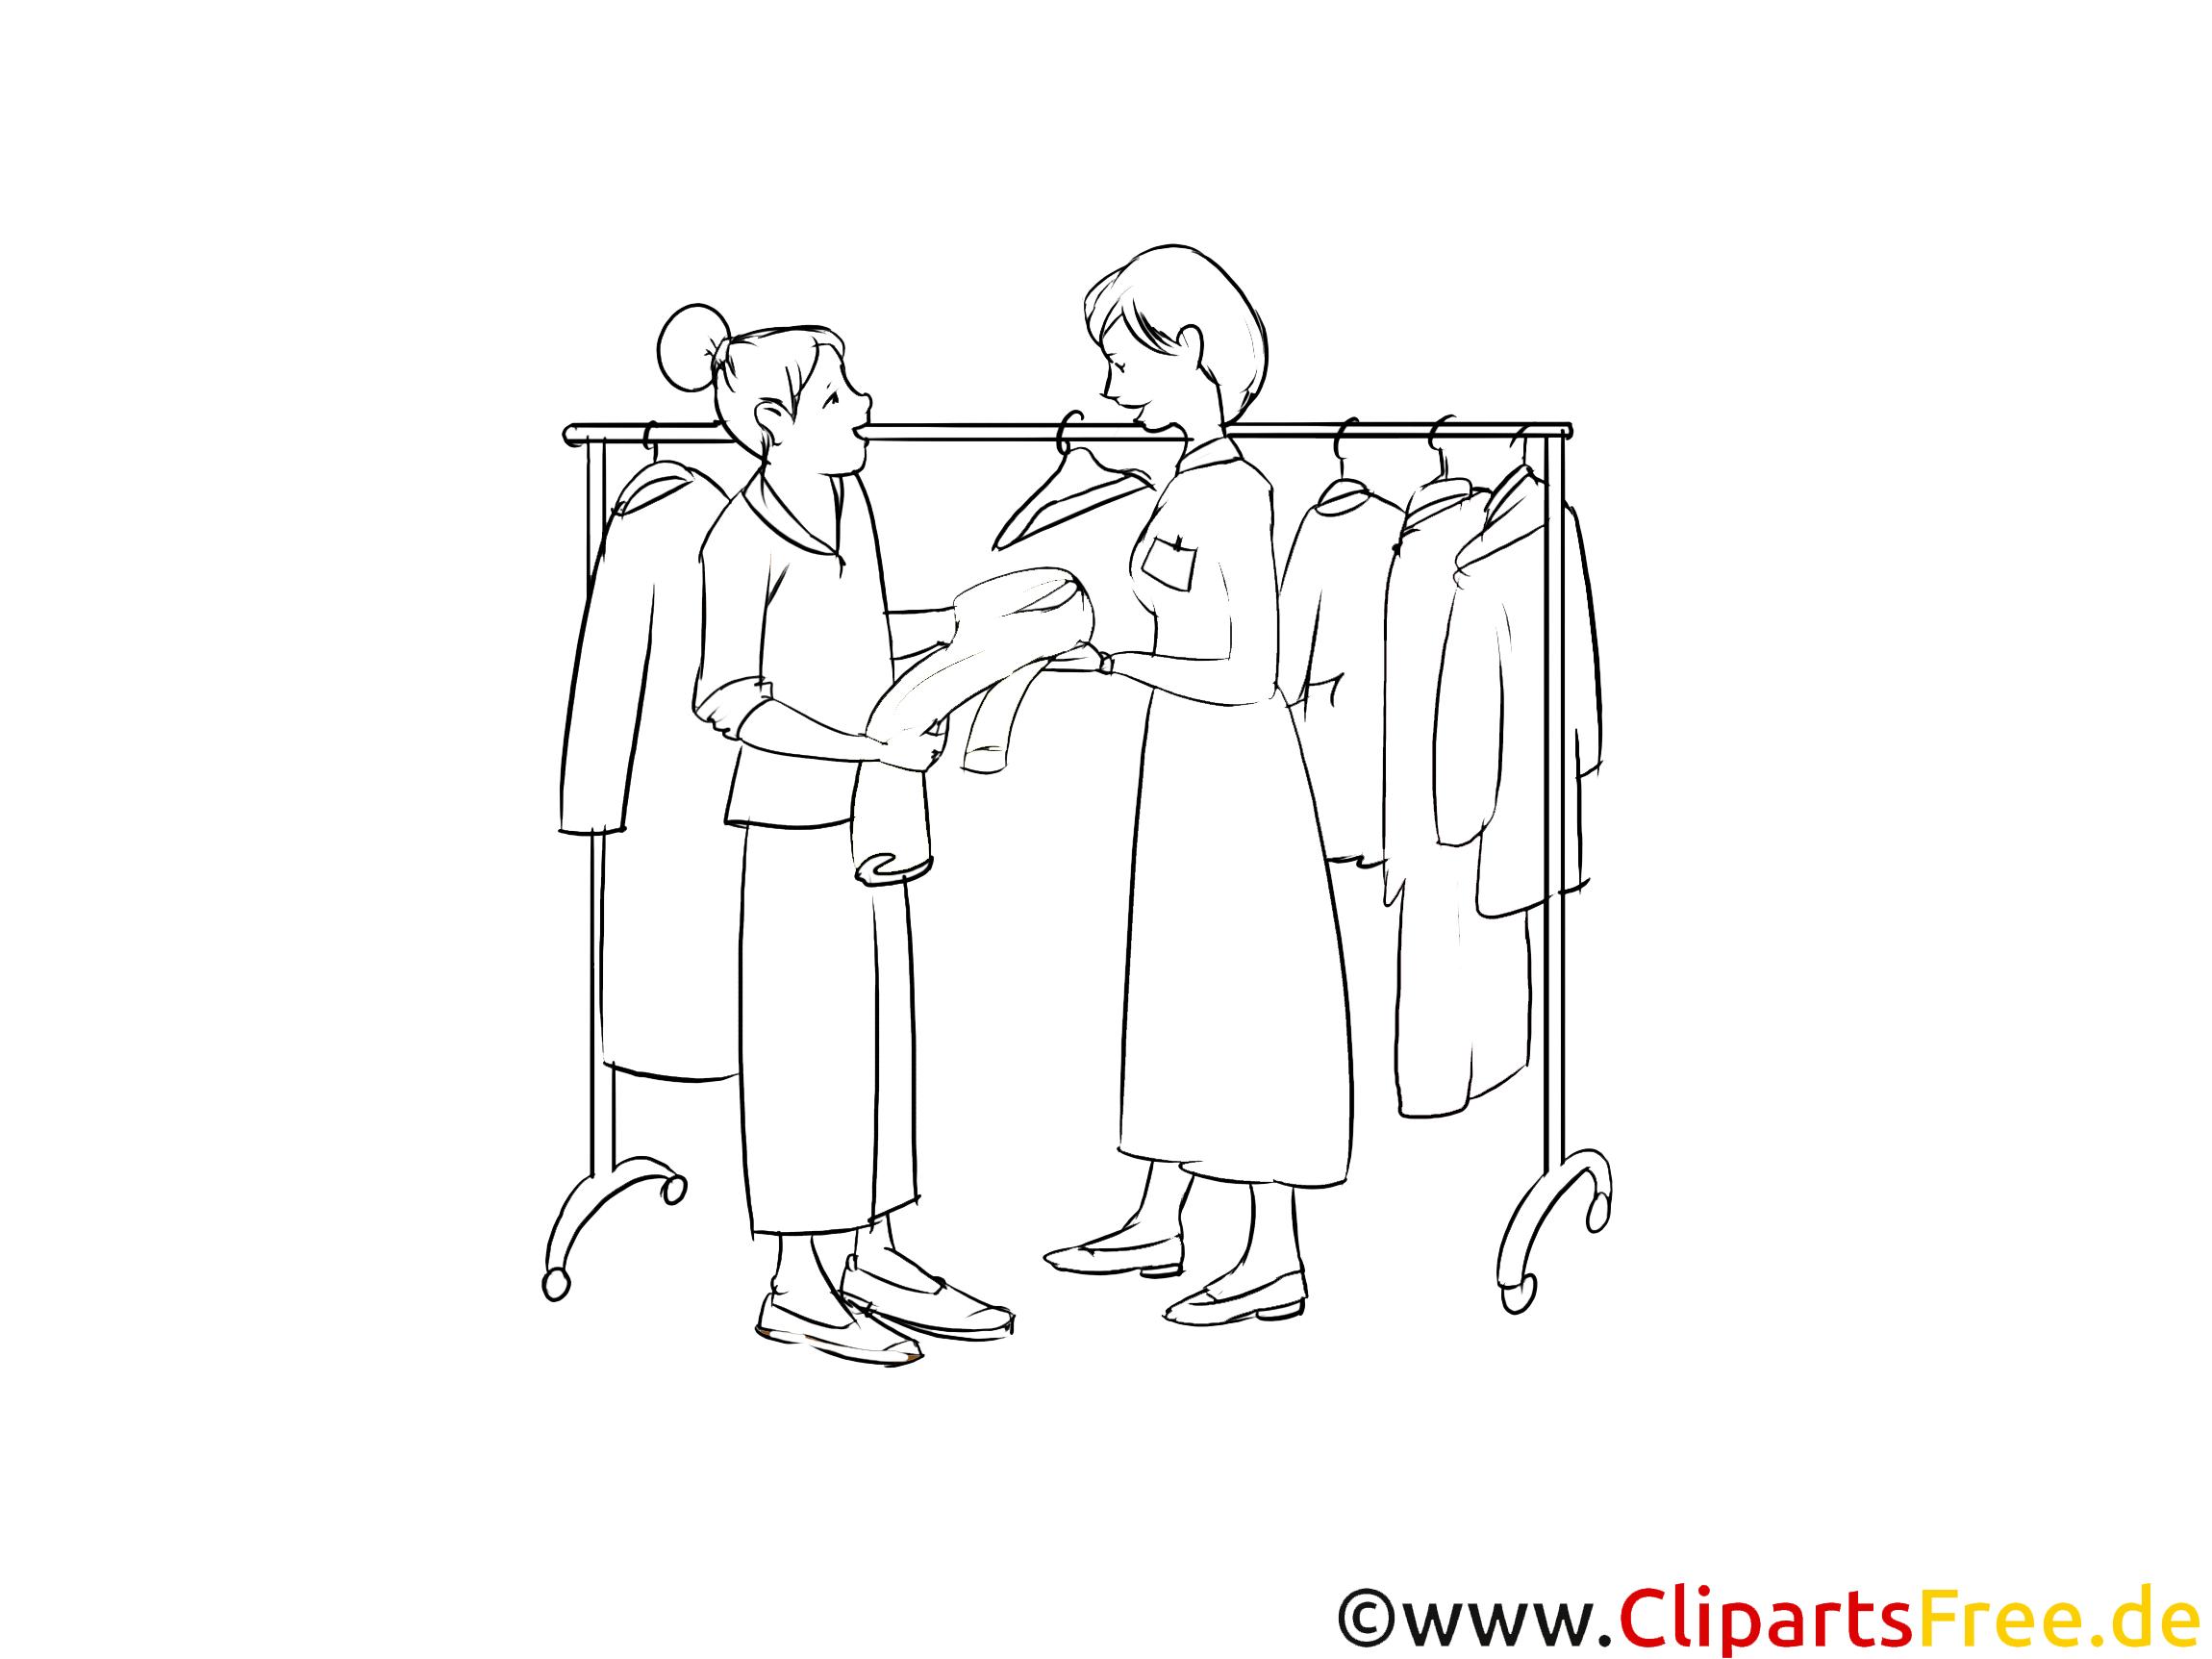 Verkäuferin im Einzelhandel Clipart-Bilder für Präsentationen